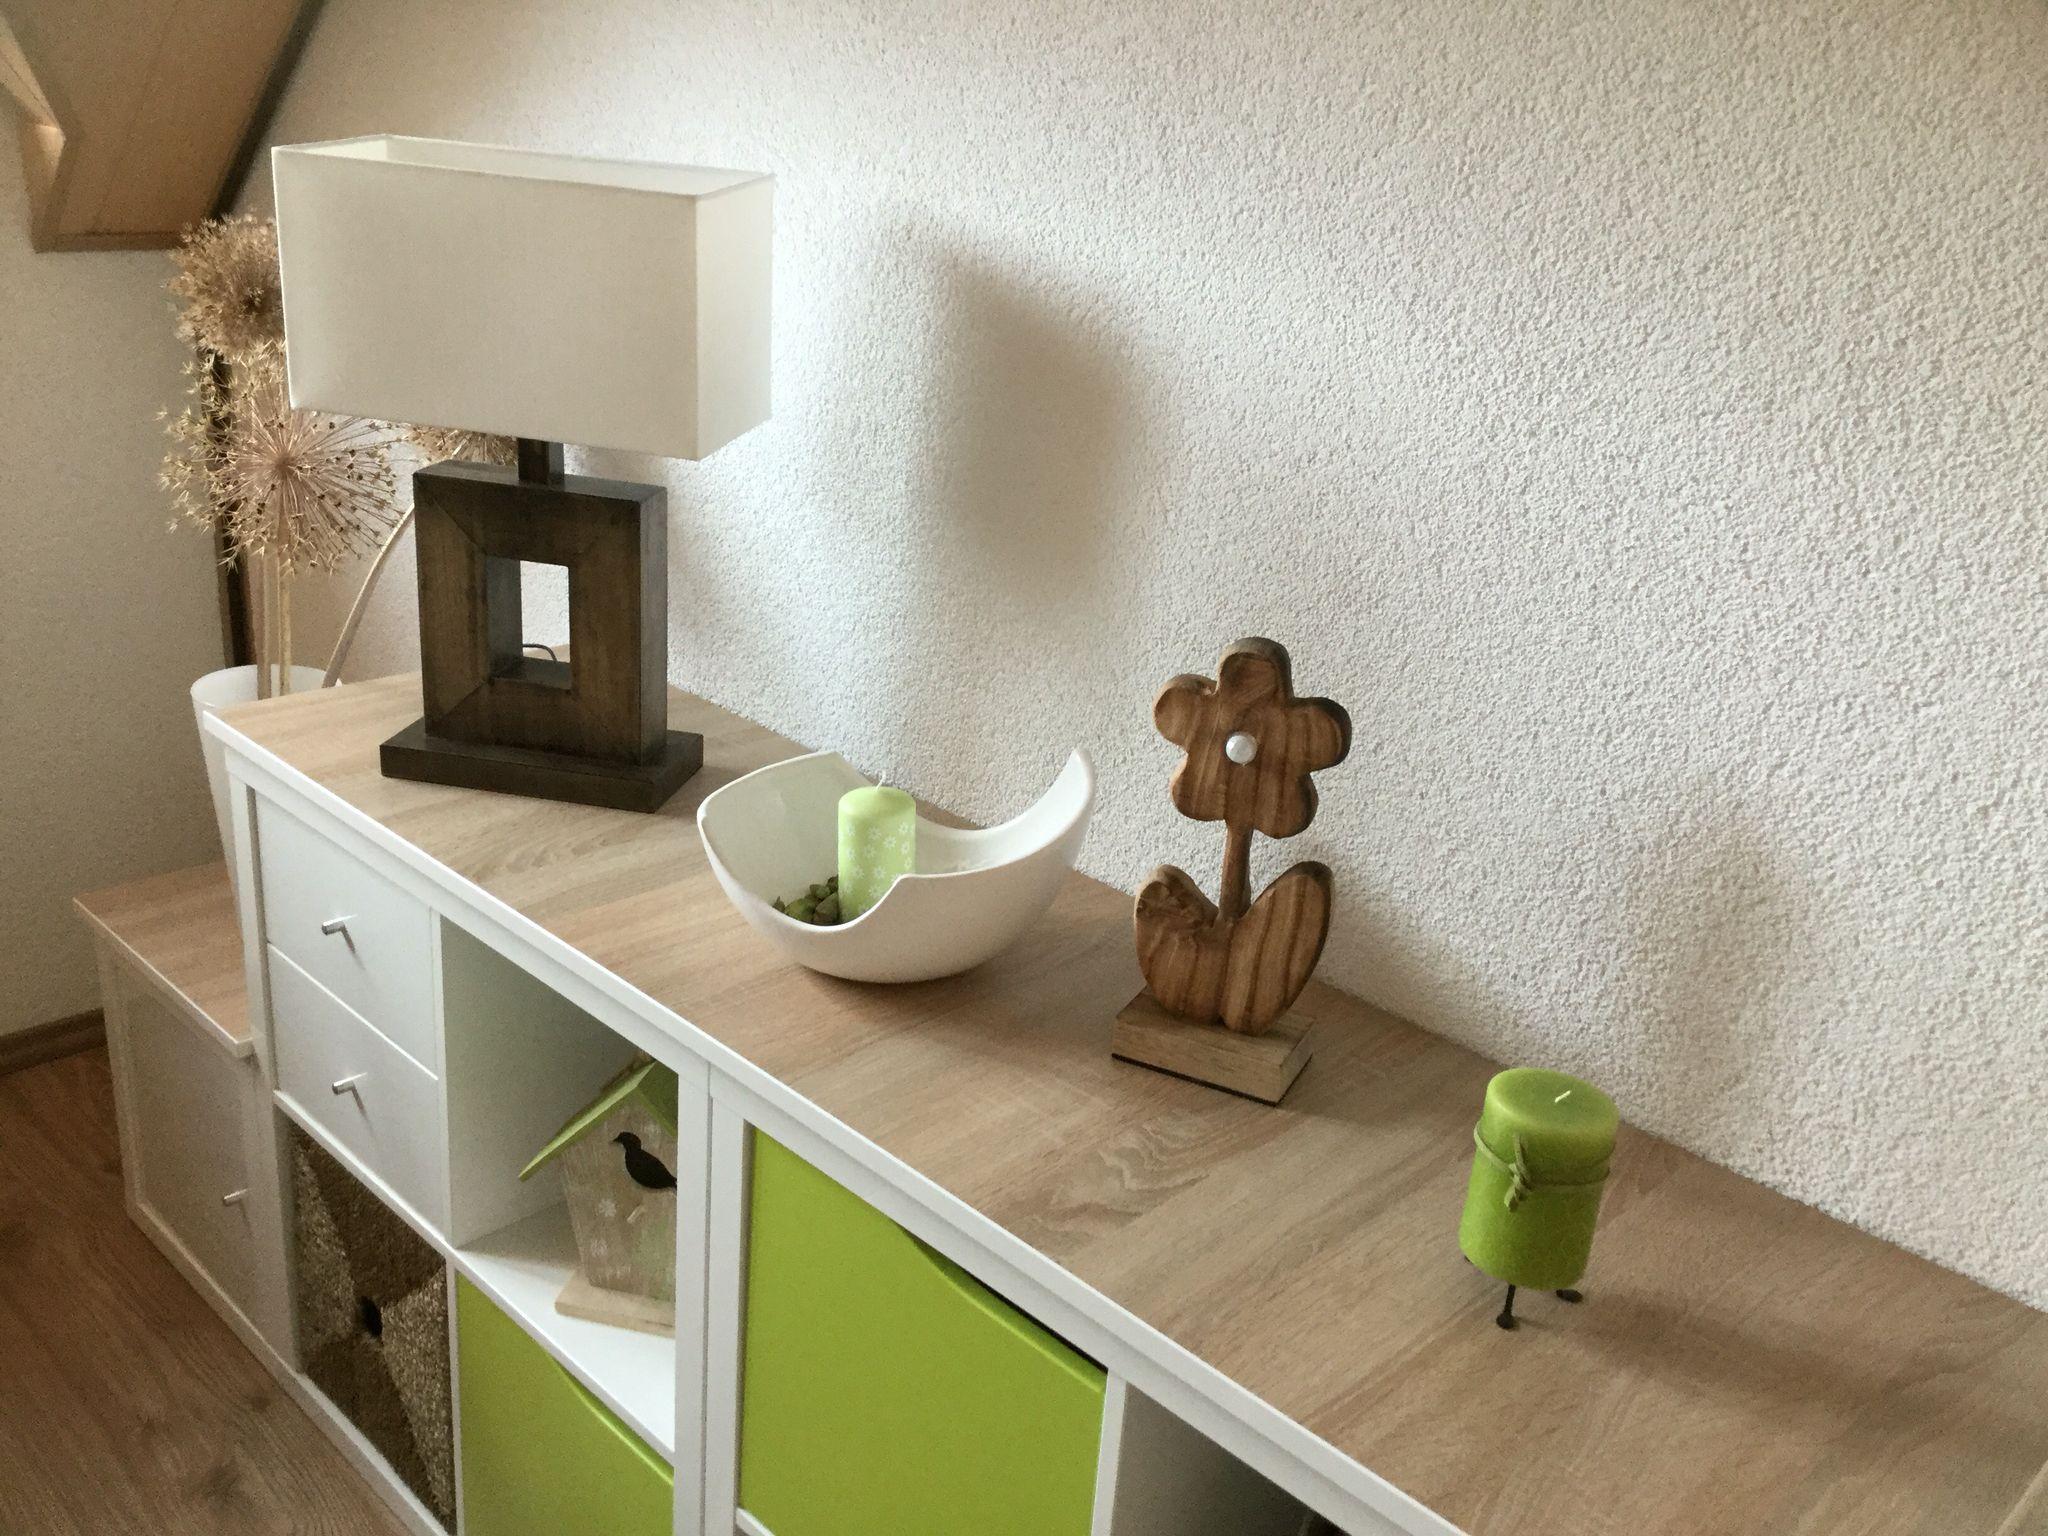 Ikea Kallax Und Dann Einfach Eine Angefertigte Holzplatte Auflegen